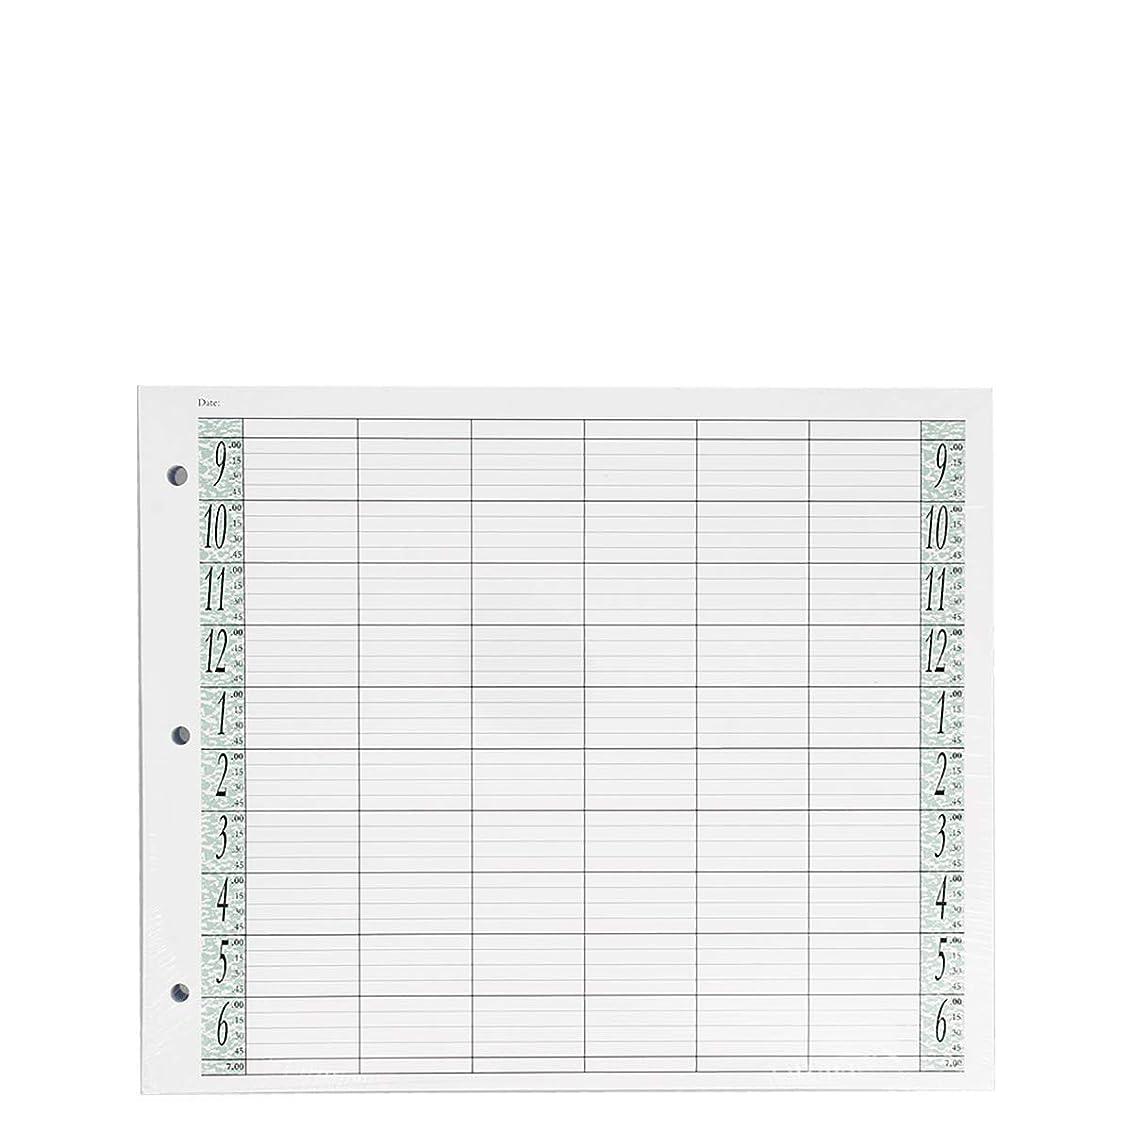 実施するシャーク民族主義アジェンダ サロンコンセプト ルーズリーフリフィル6色100枚LL6 / Z3[海外直送品] [並行輸入品]